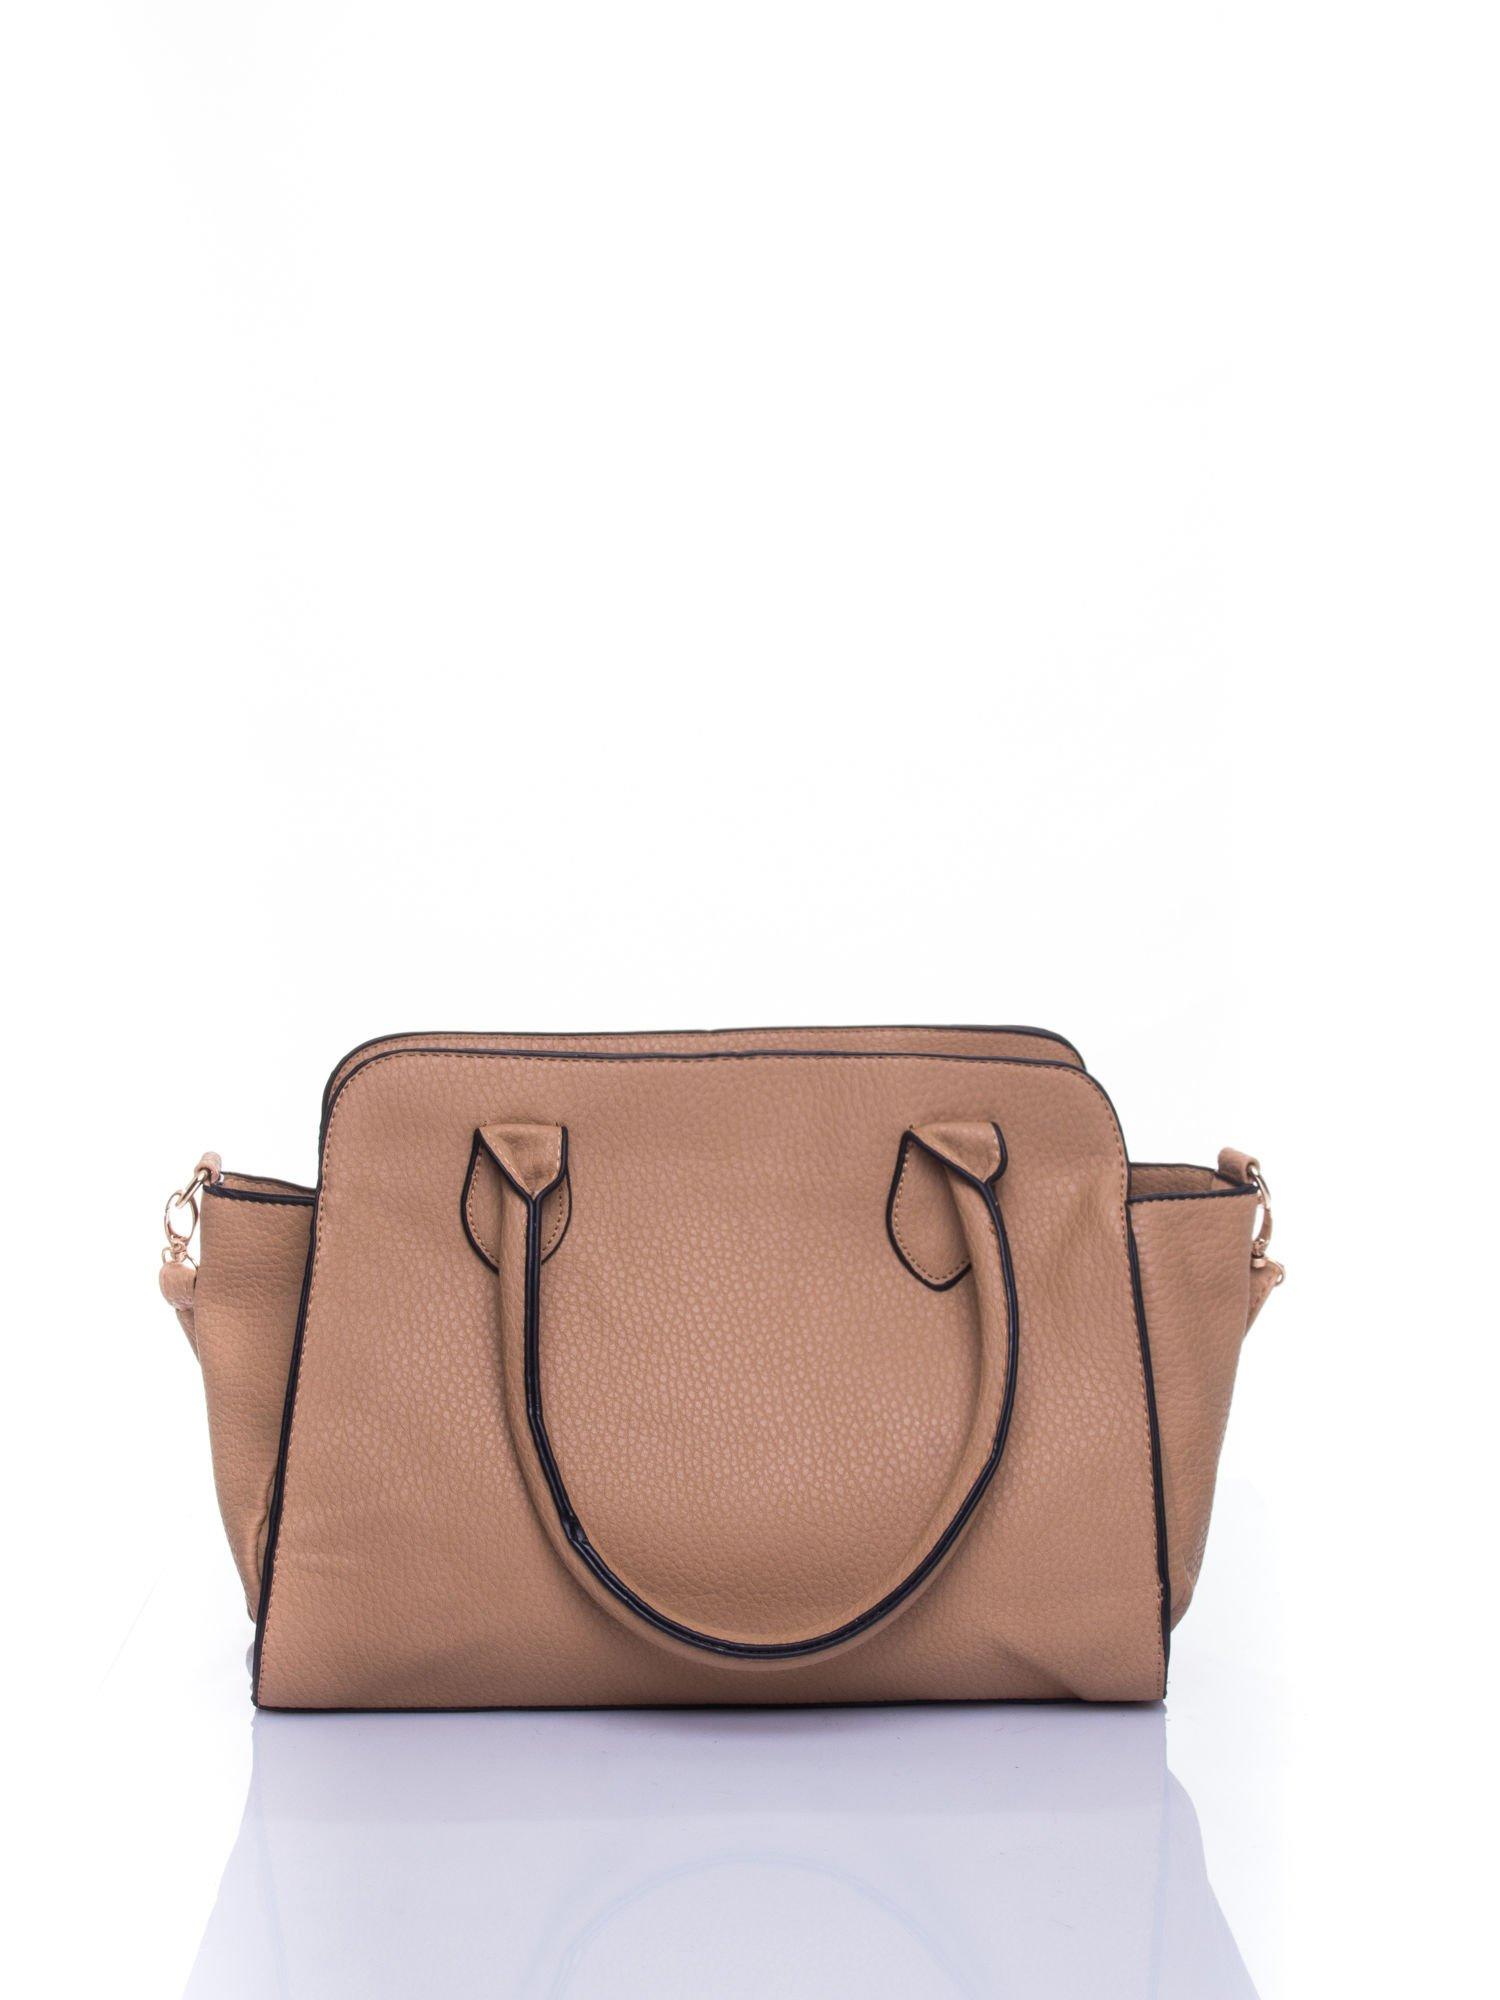 Brązowa torba z klamrami z odpinanym paskiem                                  zdj.                                  3